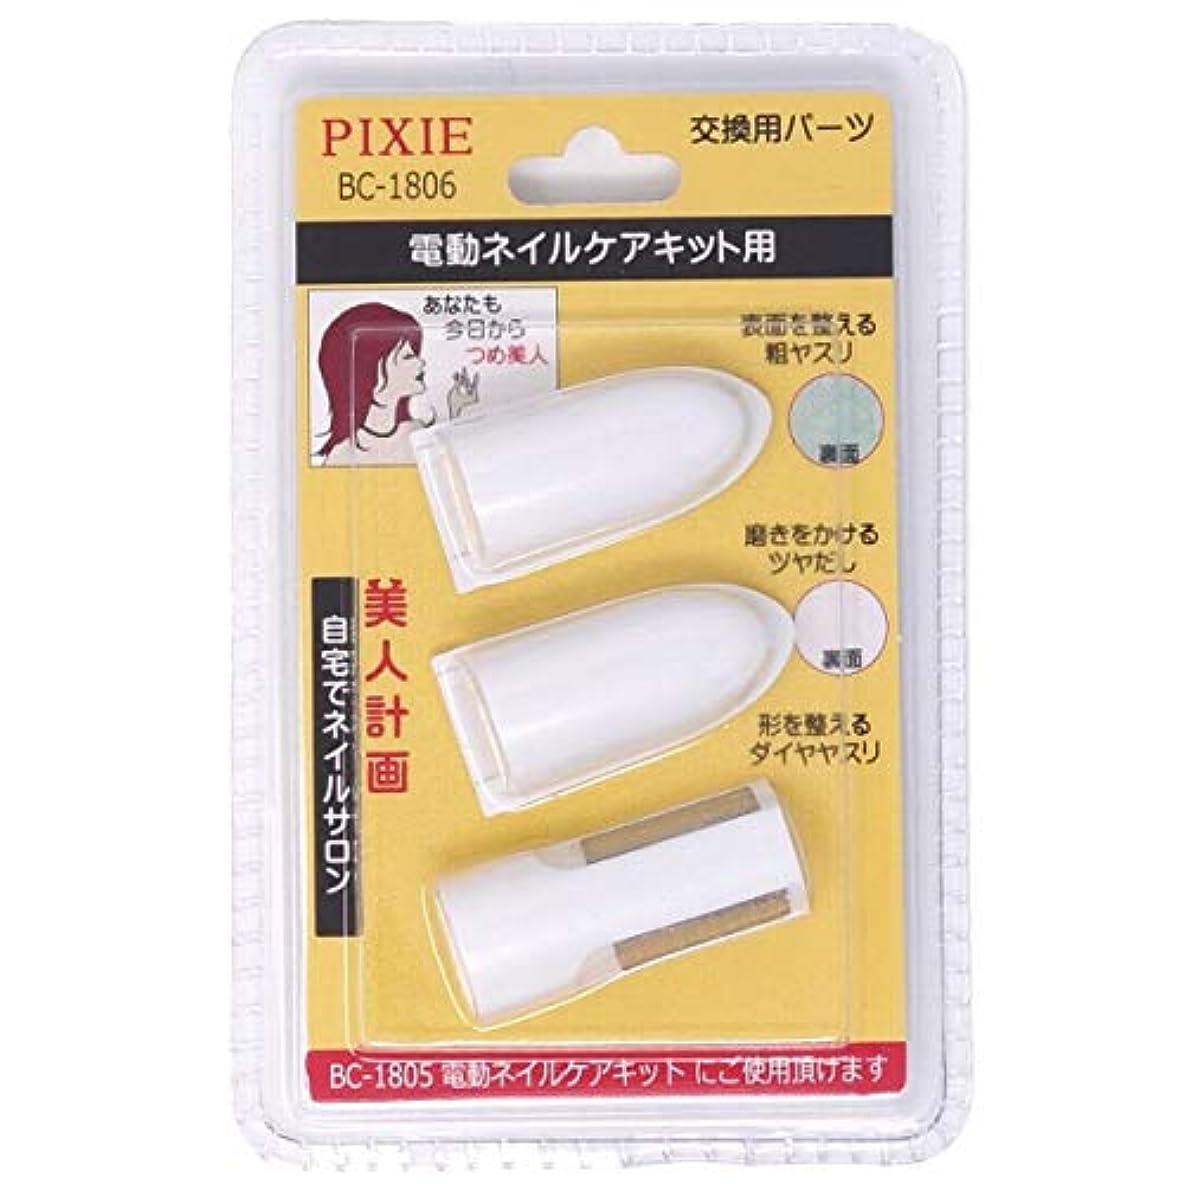 つらい大学教えて爪美人 電動ネイルケアキット用 交換パーツセット PIXIE BC-1807